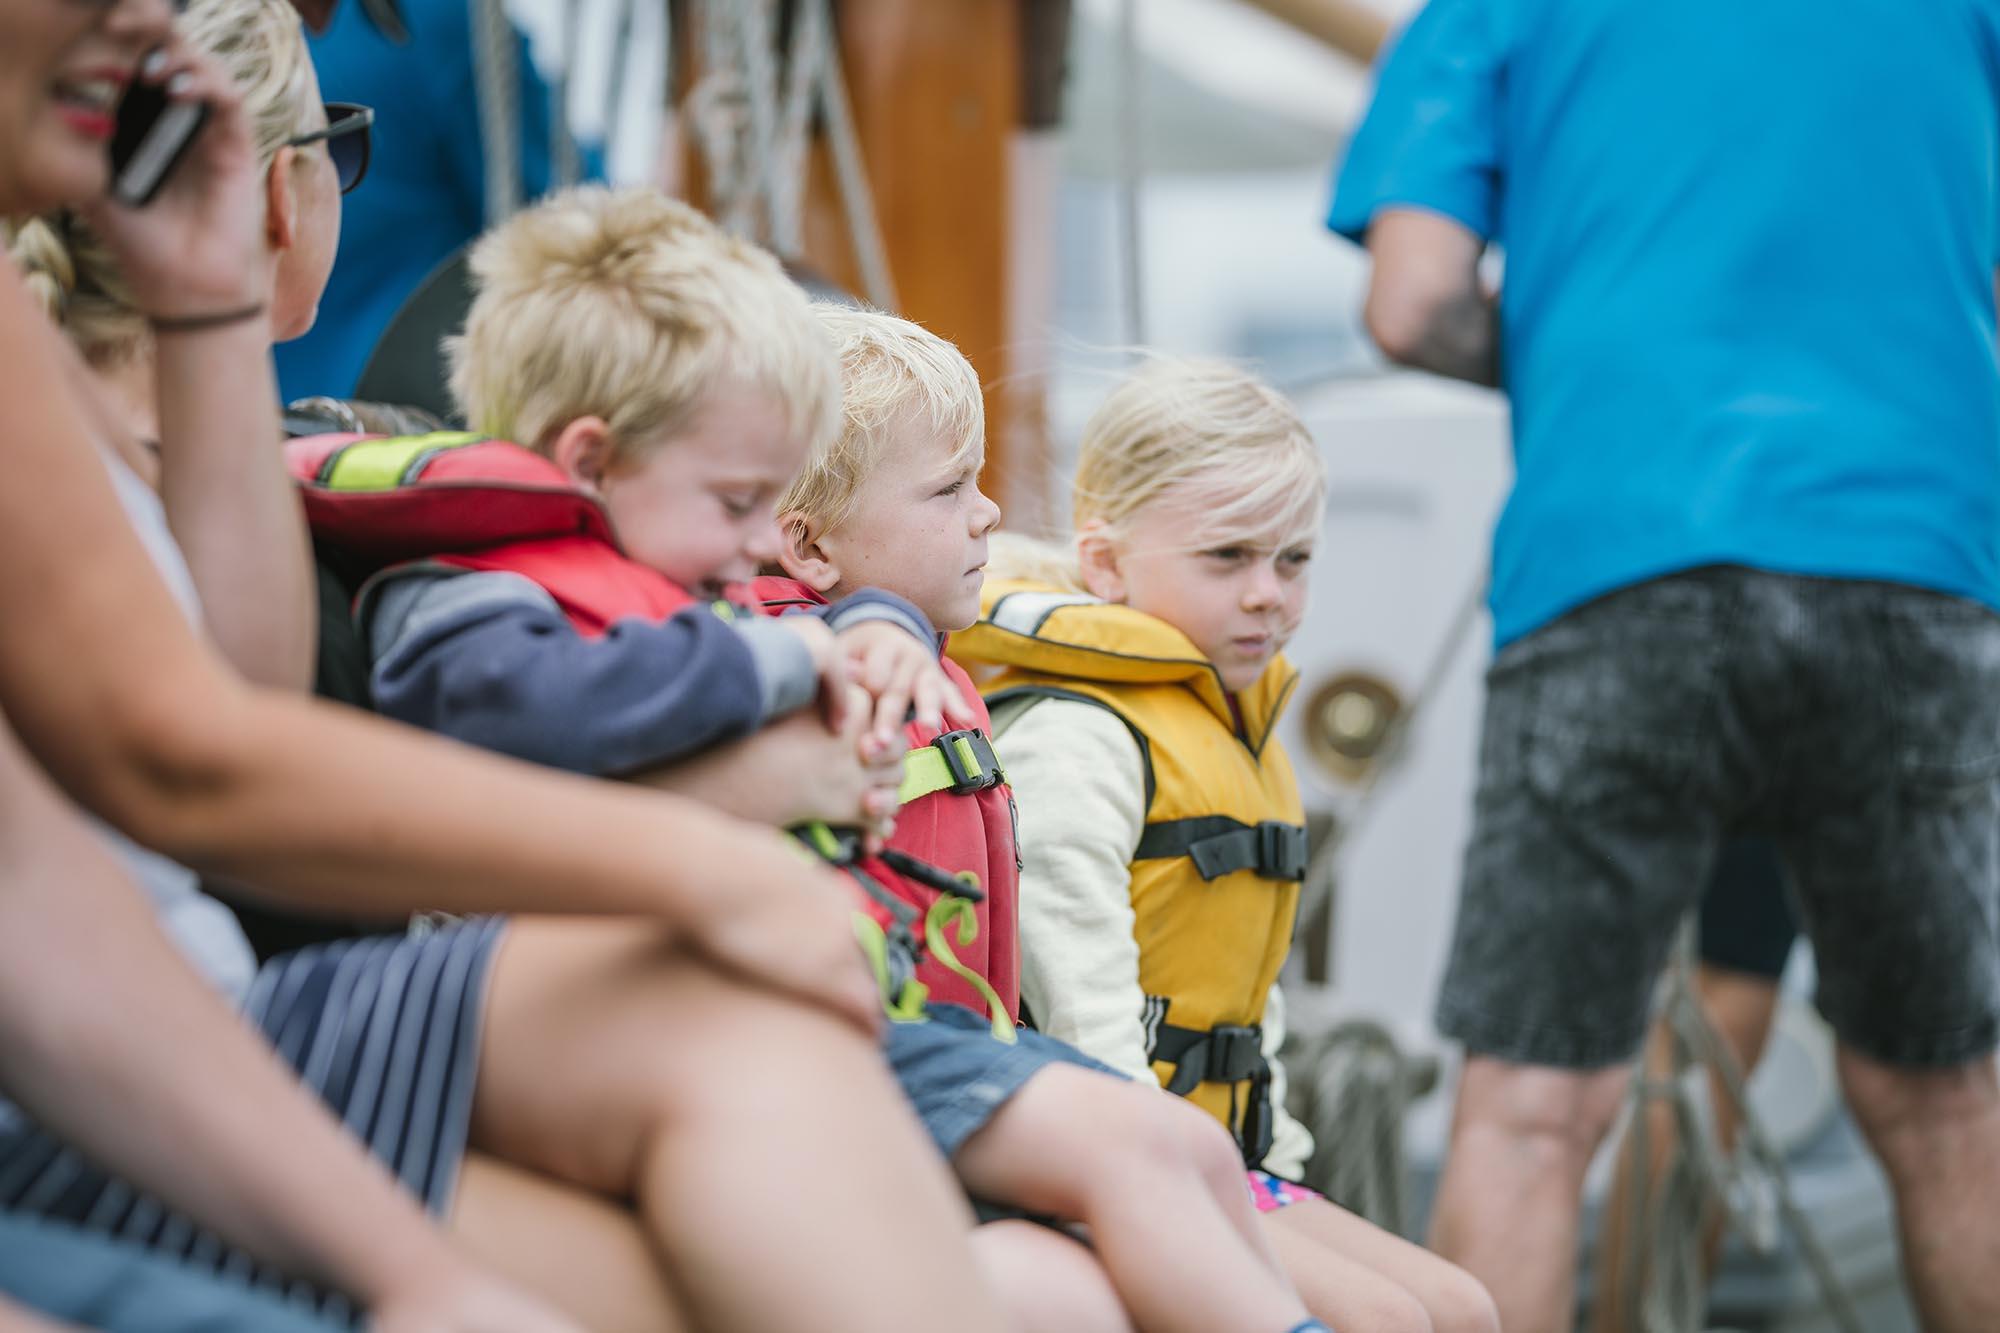 https://rfacdn.nz/maritime/assets/media/ted-ashby-children-family-group-carousel.jpg